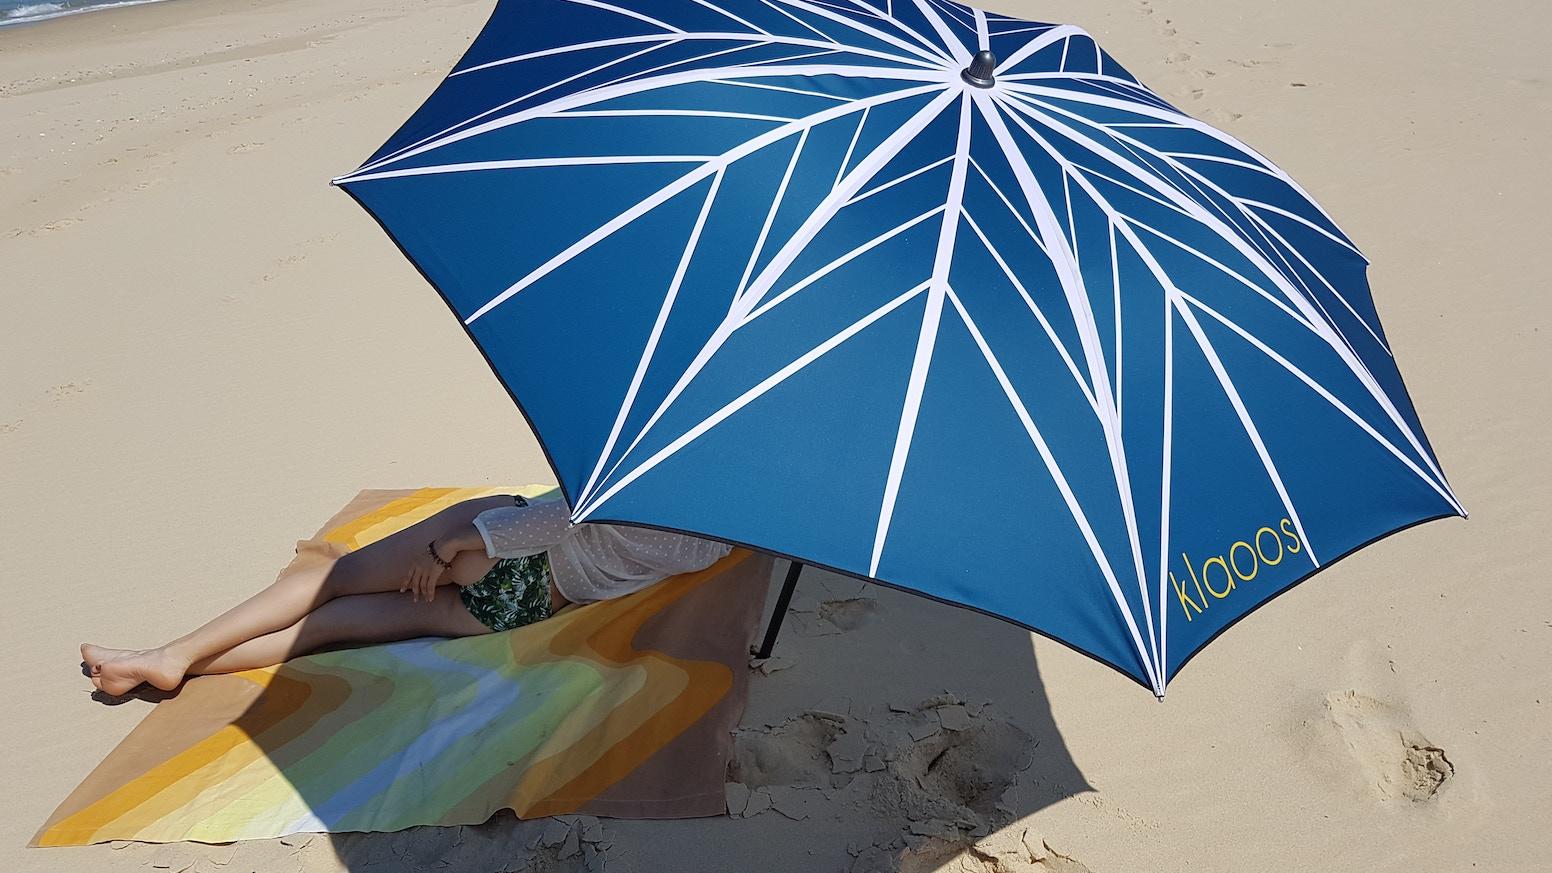 New Beach Umbrella 18 Days Flash Campaign Pre Ing Préventes Prevendite Preventas